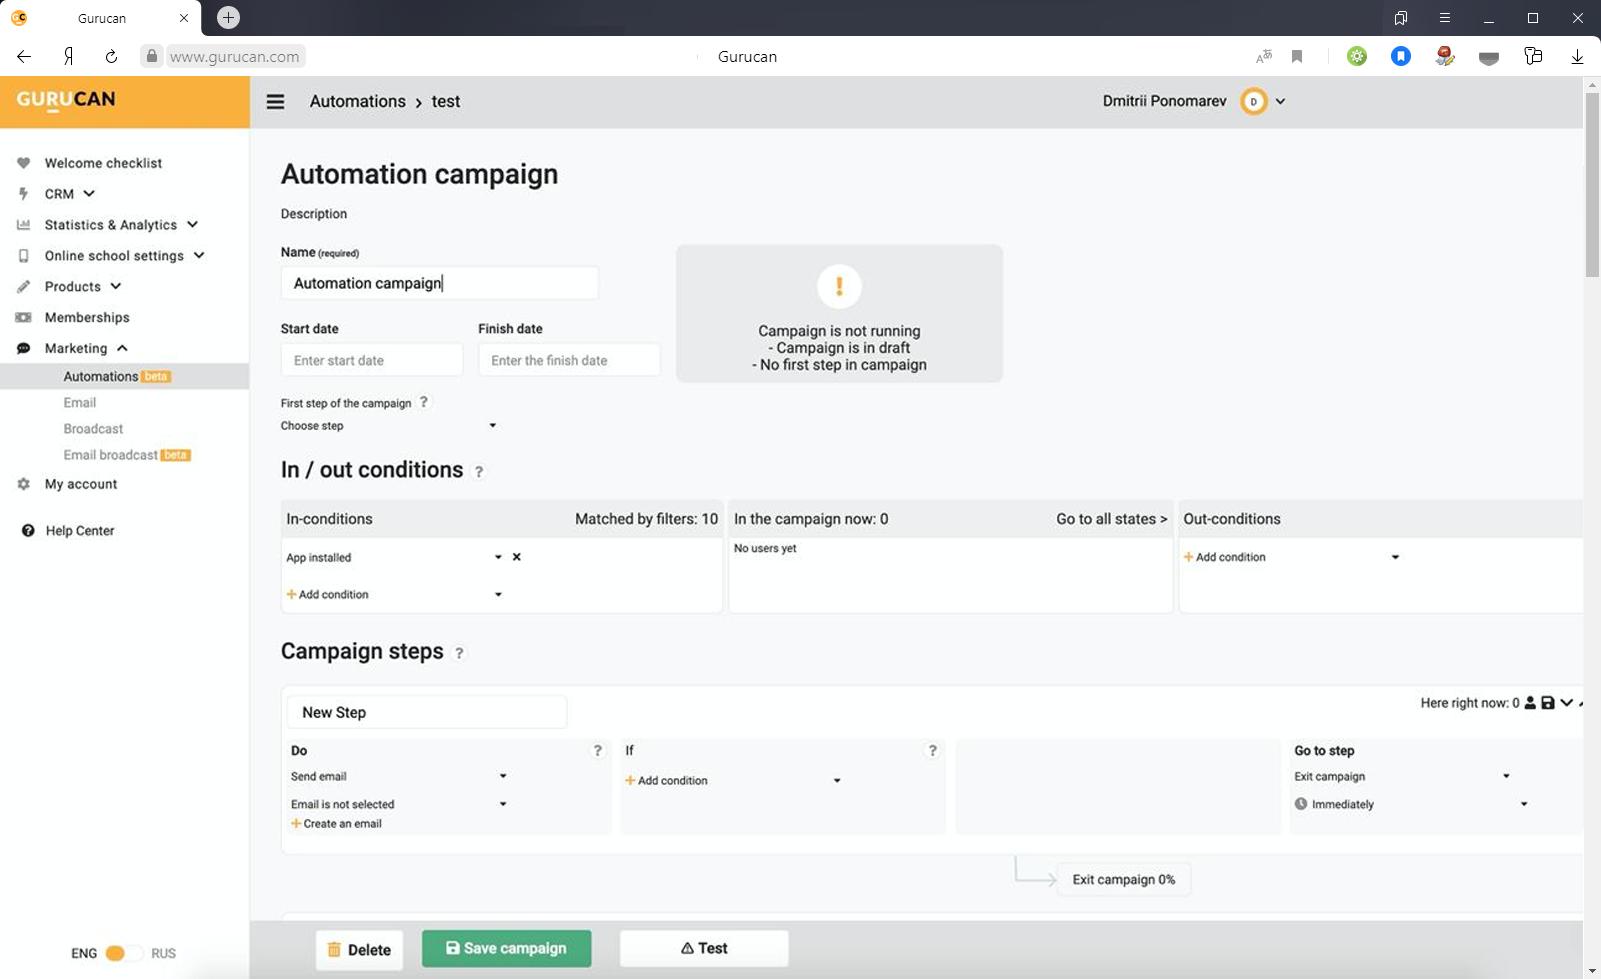 Автоматизация маркетинга для продвижения онлайн-курсов в системе управления обучением (СУО) Гурукэн